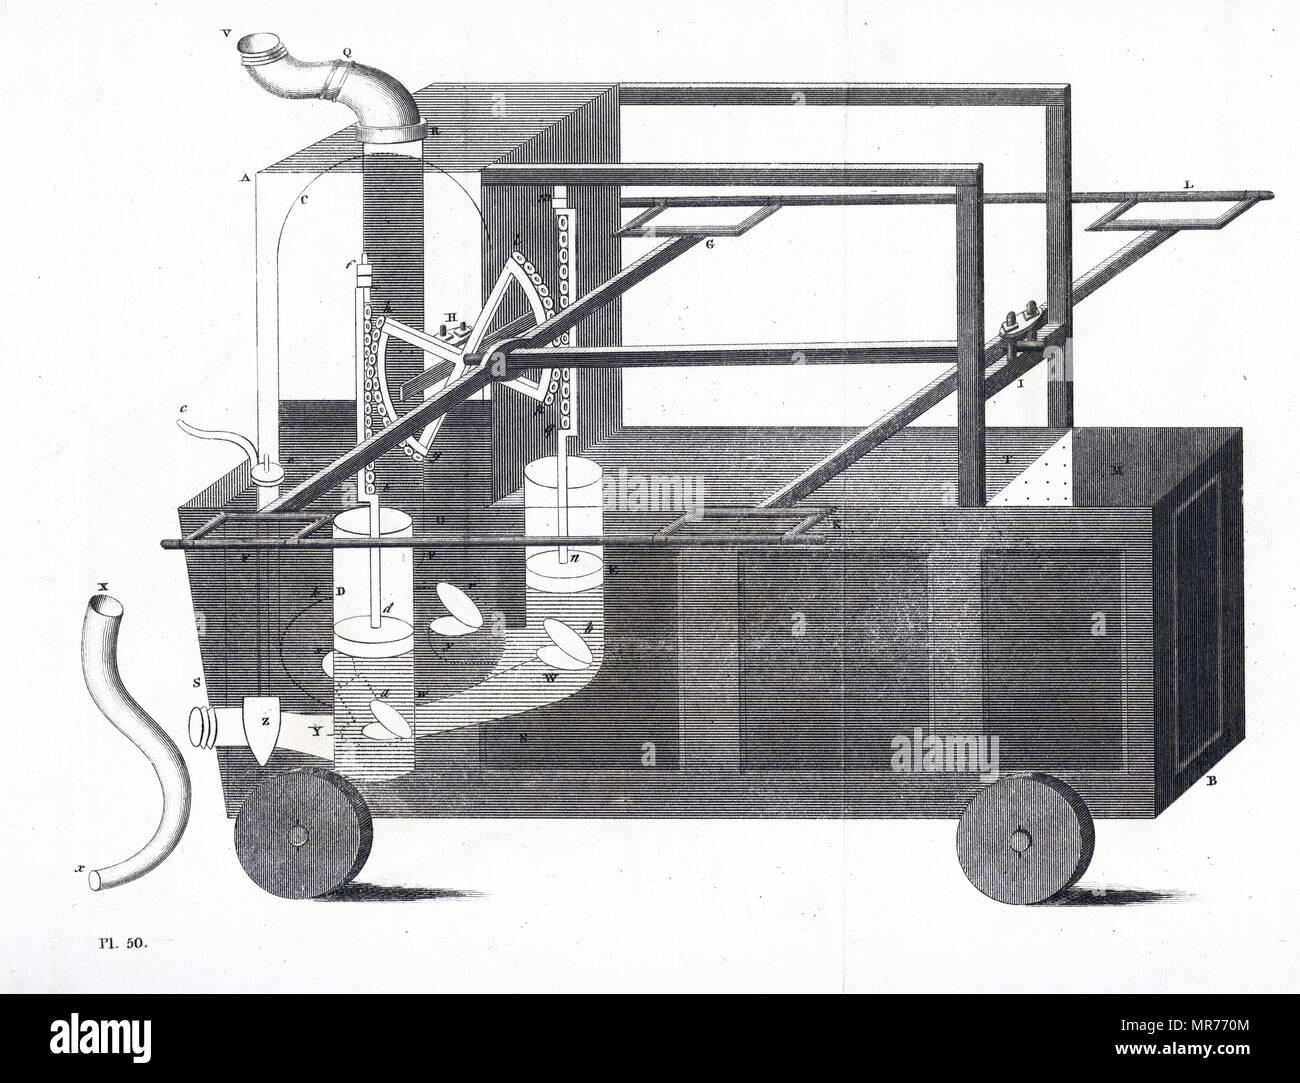 Schnittzeichnung einer typischen 18/19.Jahrhundert Fire Engine. Die Pumpen wurden von zwei Männern an F&K und zwei bei G&L drücken Sie abwechselnd gearbeitet. Wenn in der Nähe ein Bach oder Behälter Wasser aufgefüllt durch ein Rohr in S. beigefügte Ansonsten frische Wasser war in die Brust bei M. vom 19. Jahrhundert gegossen Stockbild